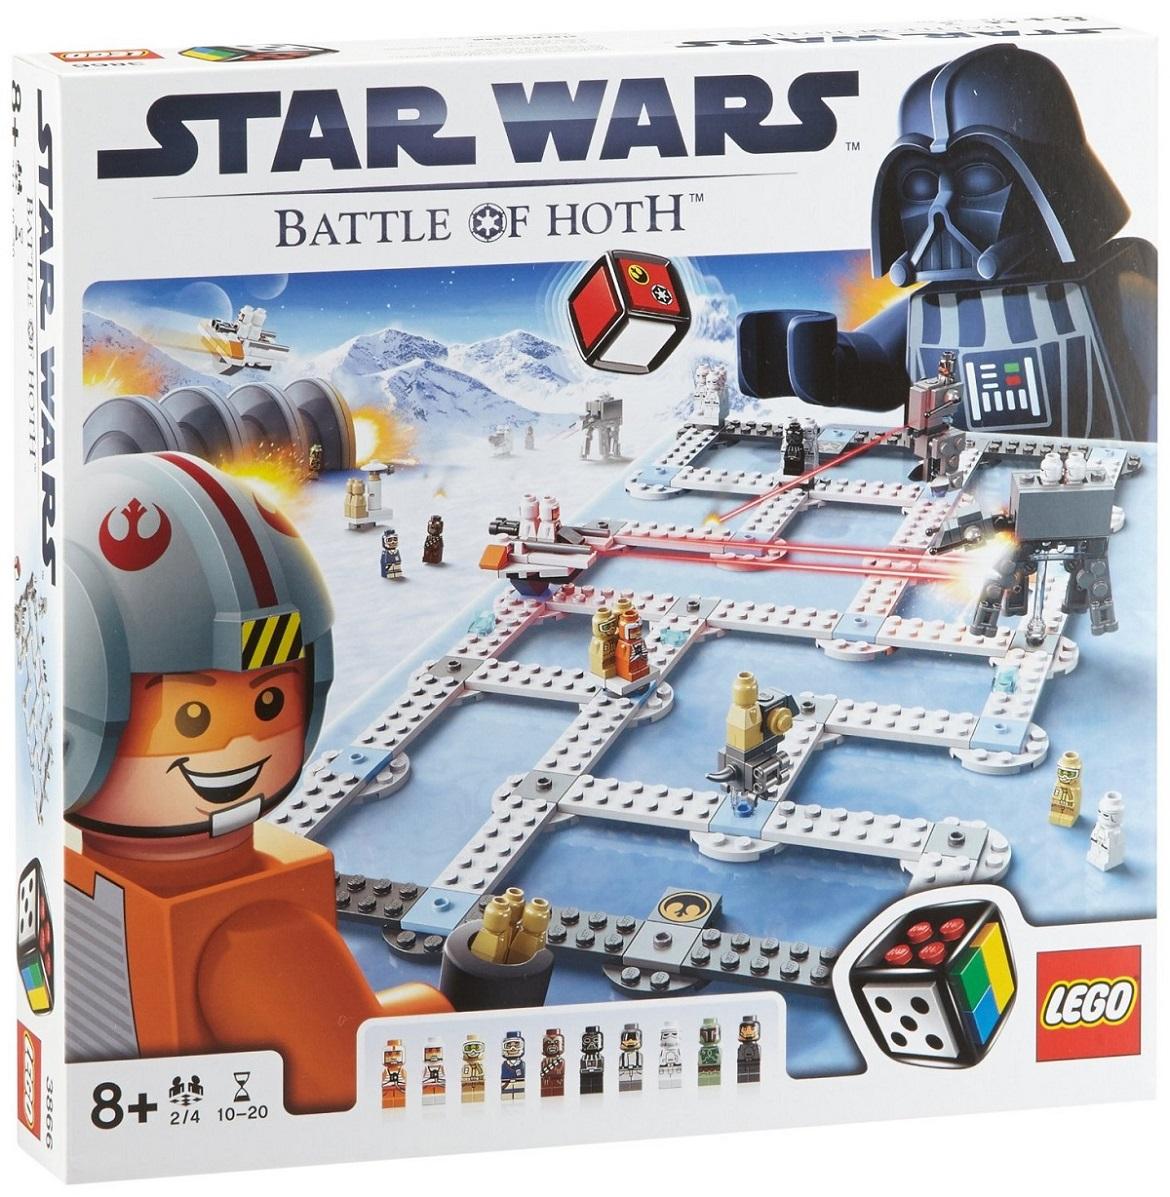 送料無料 新品●LEGO 3866 レゴ Games Star Wars The Battle of Hoth スターウォーズ●